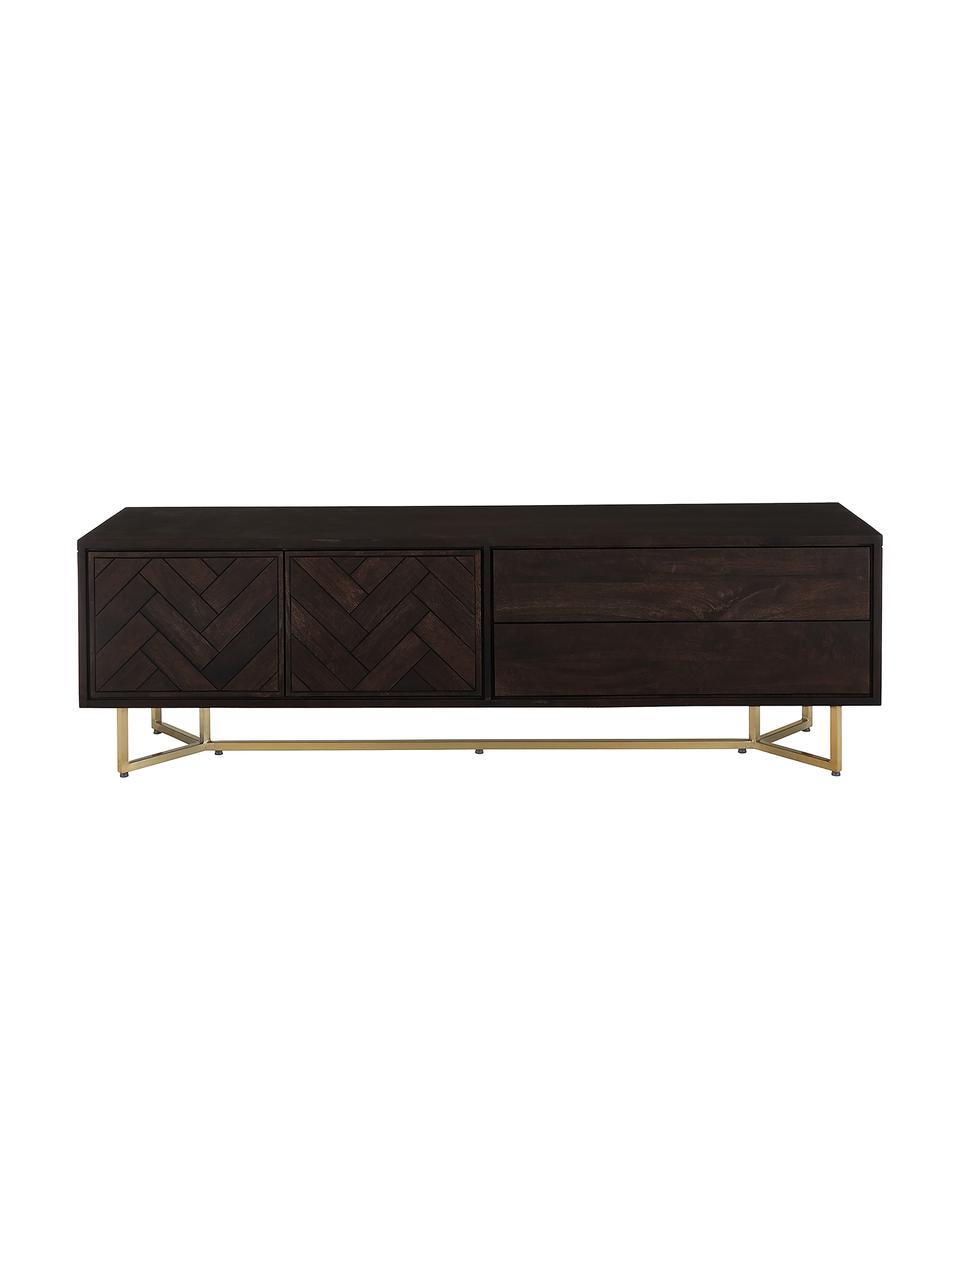 Visgraat tv-meubel Luca met deuren van massief hout, Frame: gecoat metaal, Bruin, goudkleurig, 180 x 54 cm